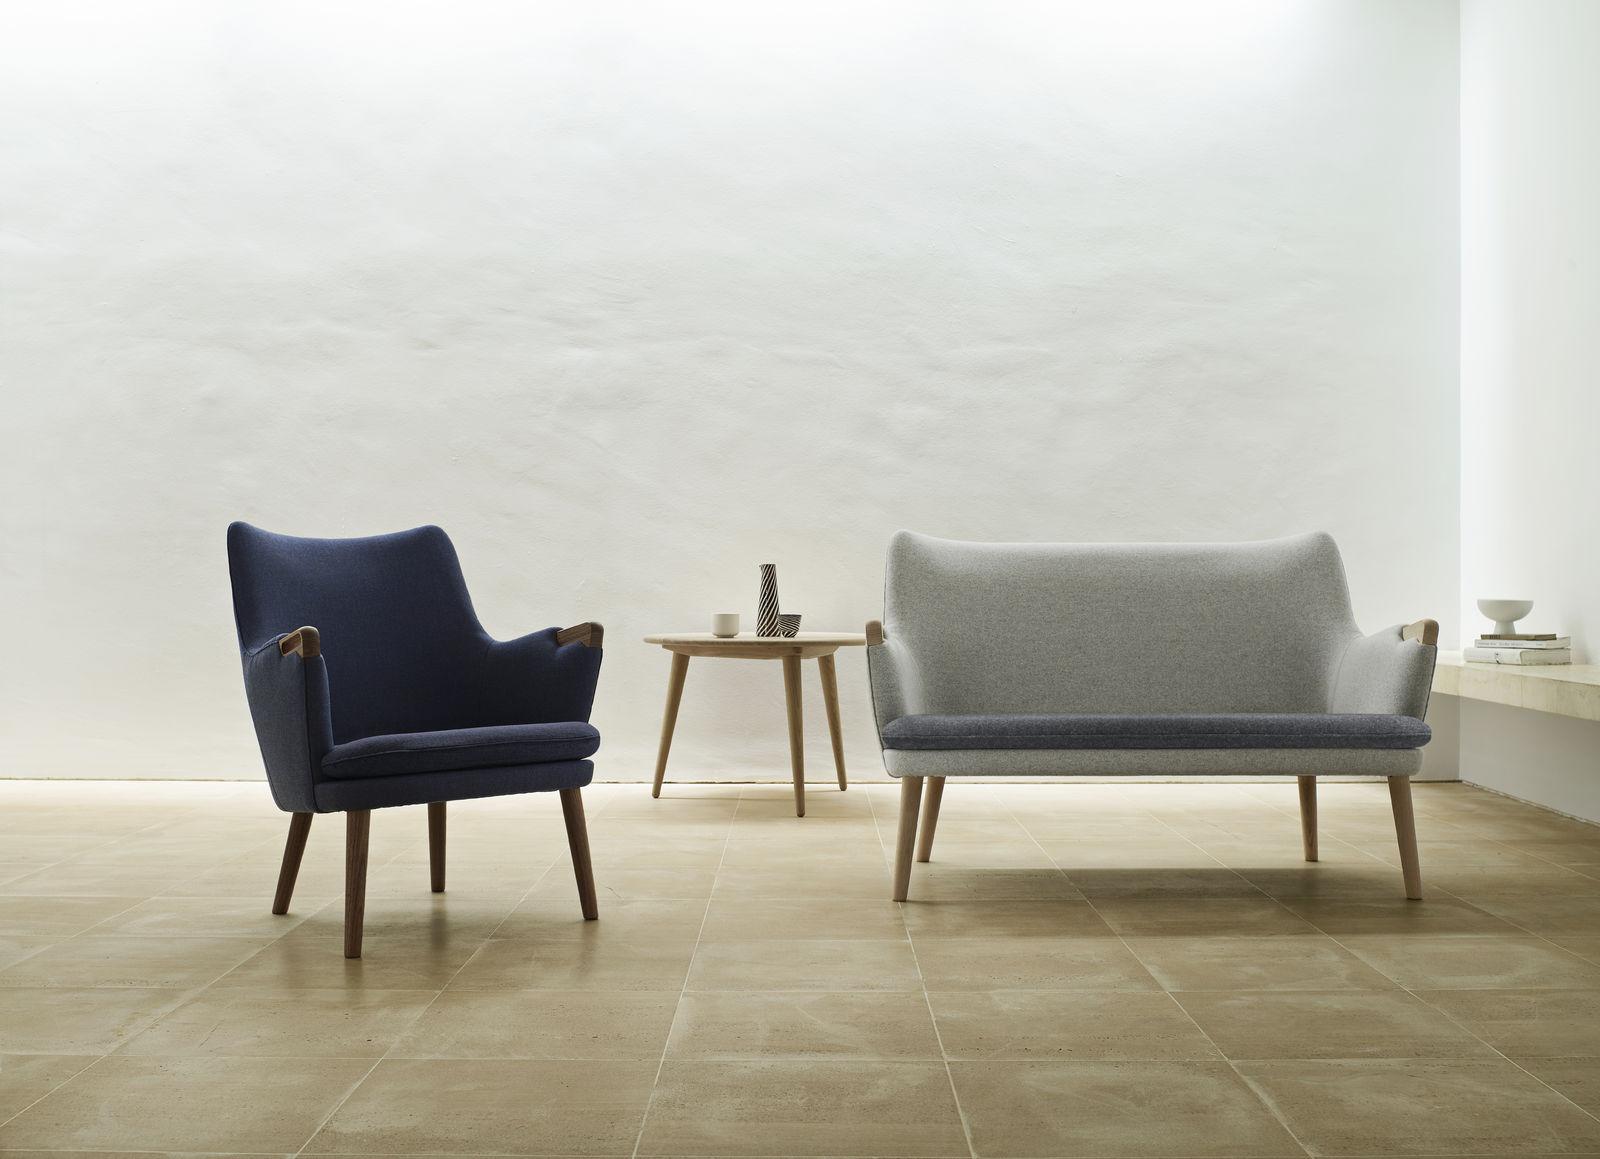 CH71 Lounge chair by Carl Hansen